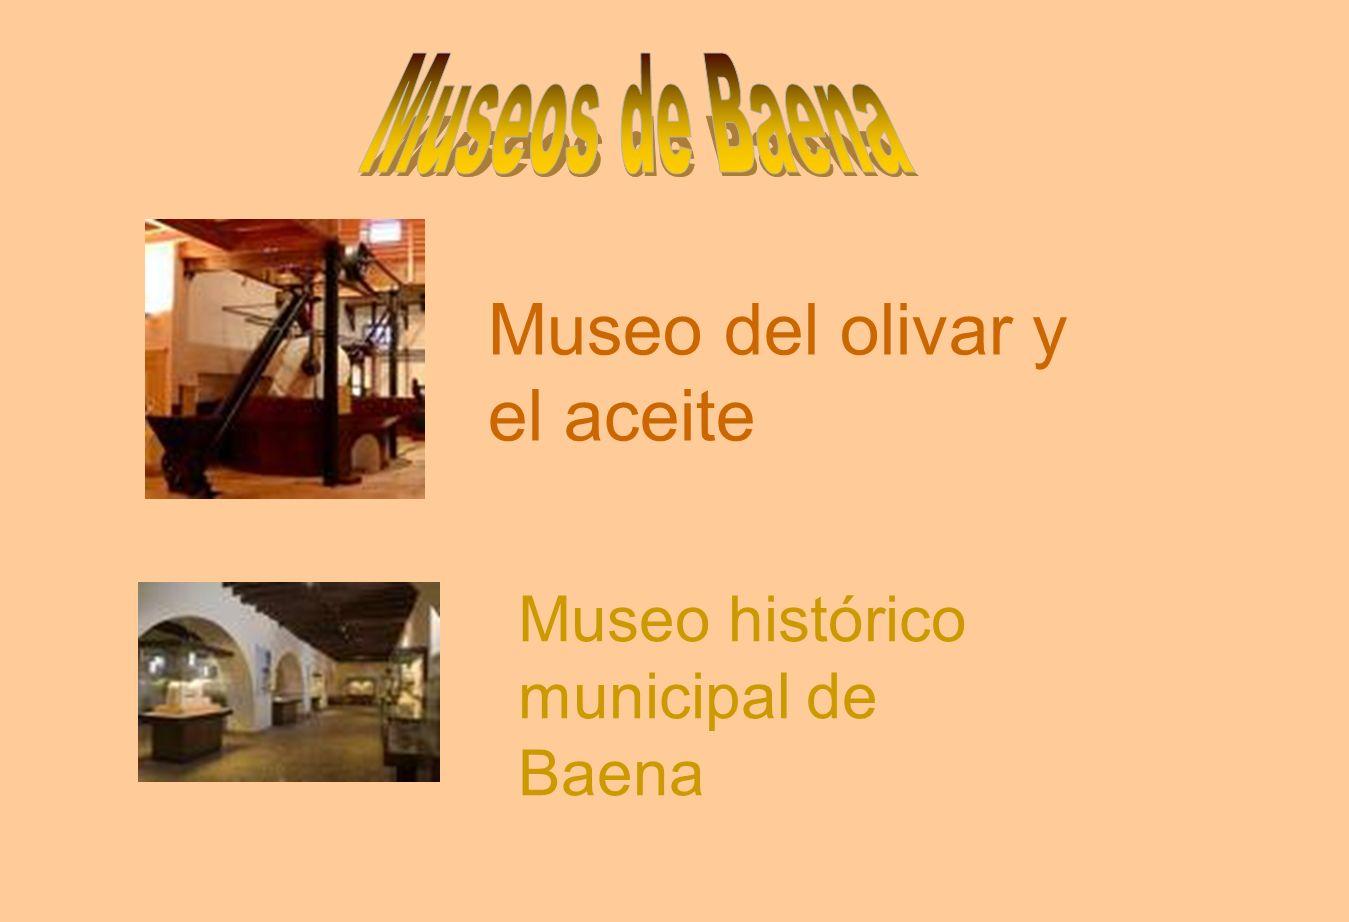 Museo del olivar y el aceite